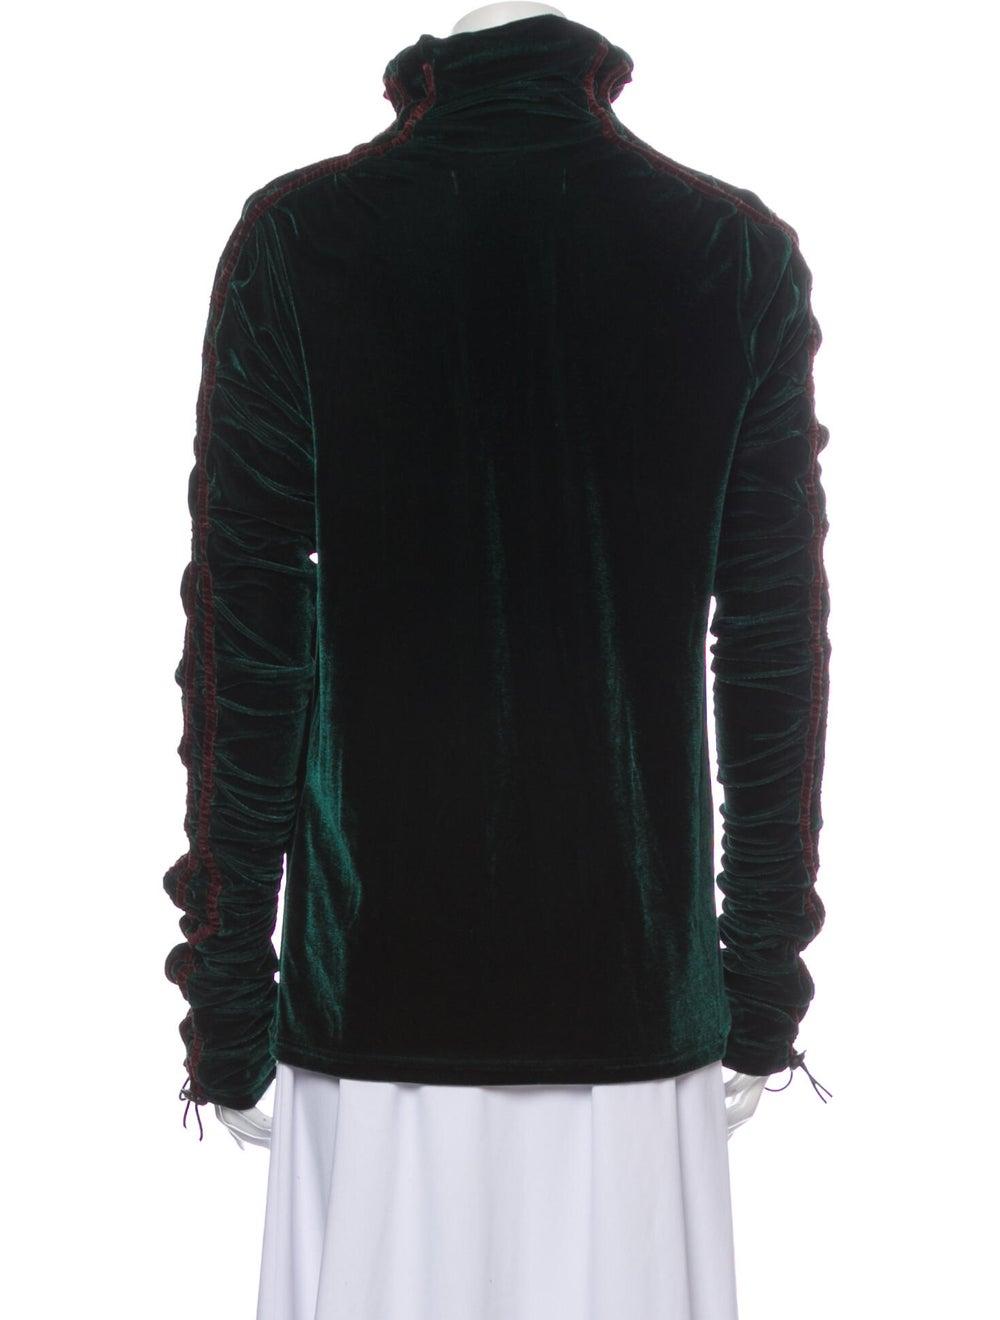 Y/Project Turtleneck Long Sleeve Sweatshirt Green - image 3